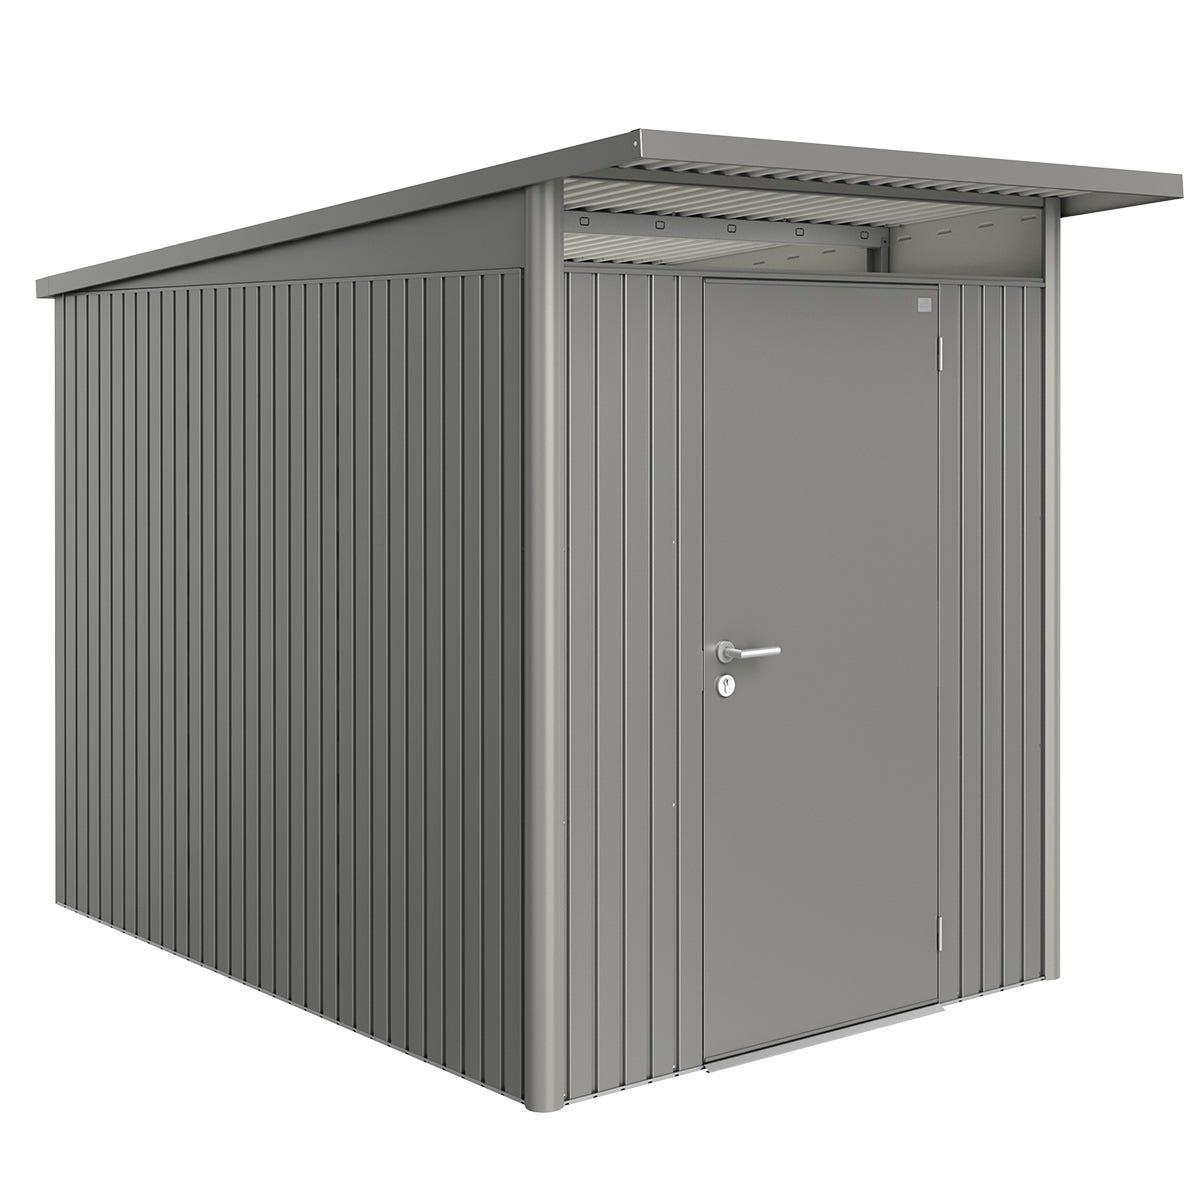 Biohort AvantGarde Metal Shed A3 Standard door 5' 9'' x 9' 8'' - Quartz Grey